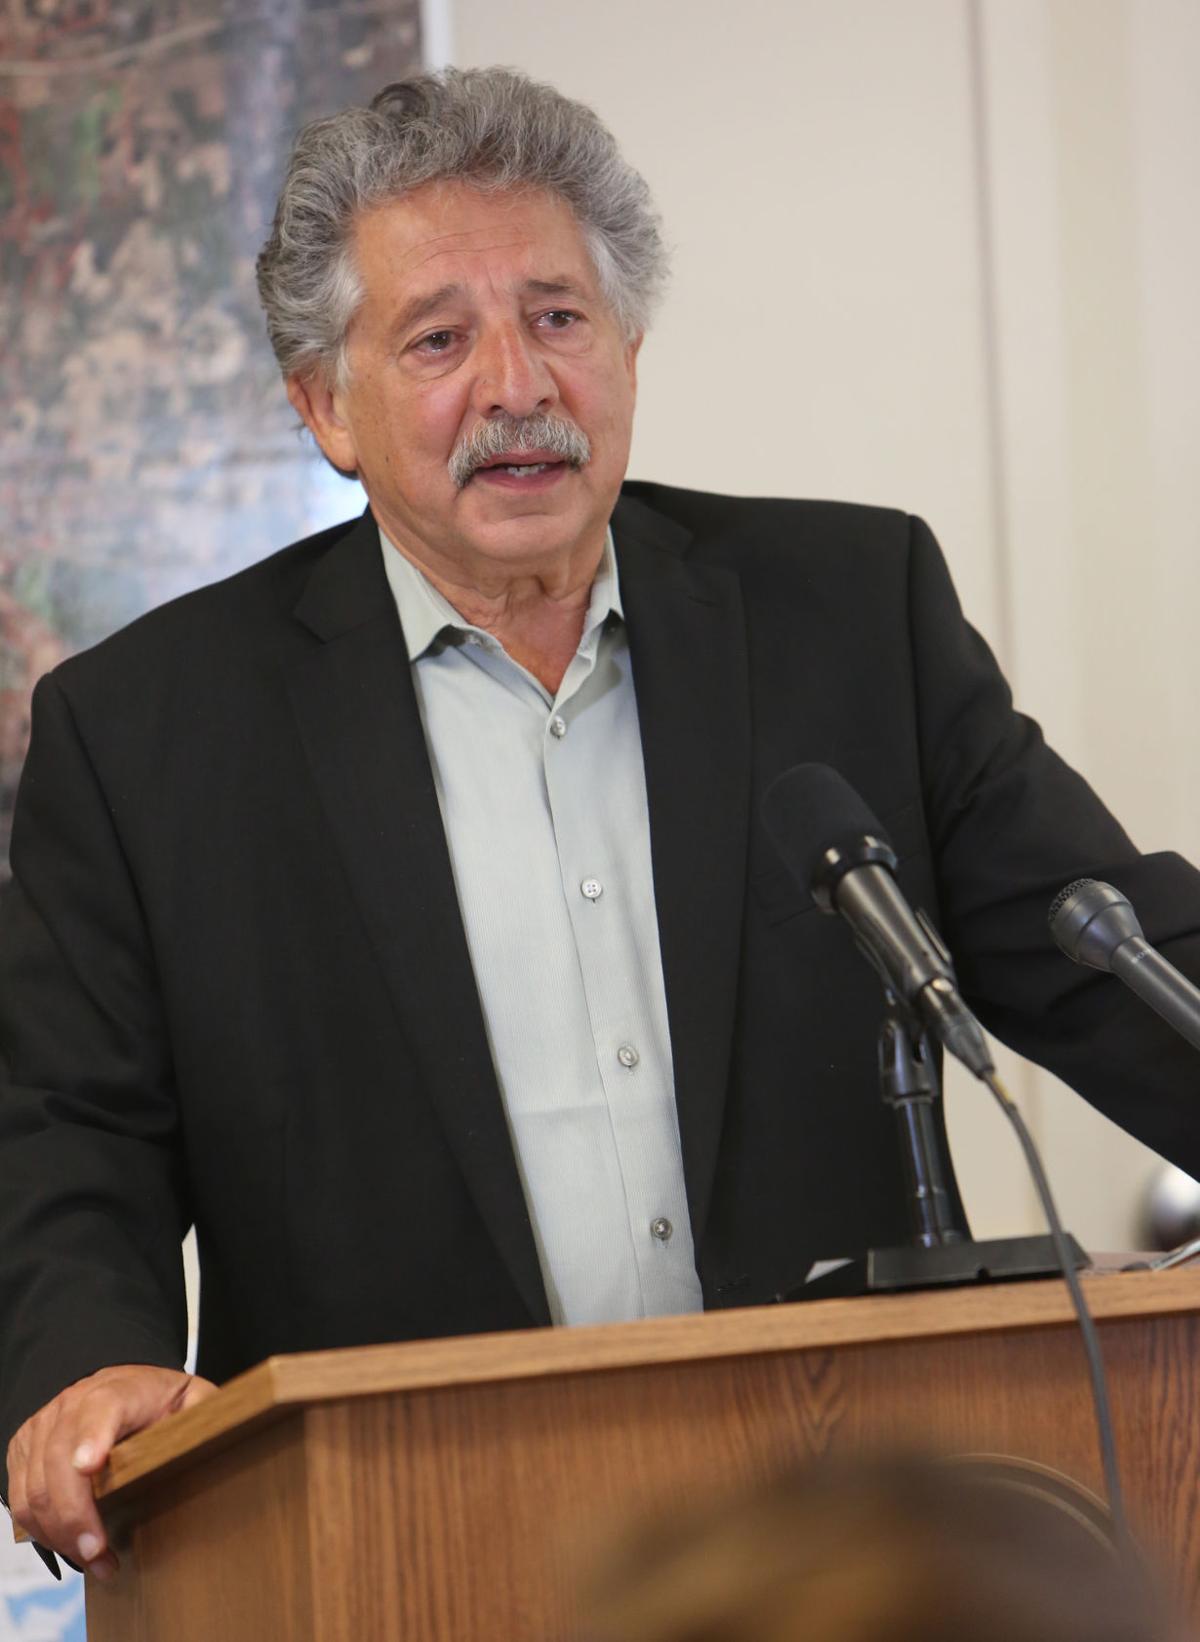 Mayor Paul Soglin